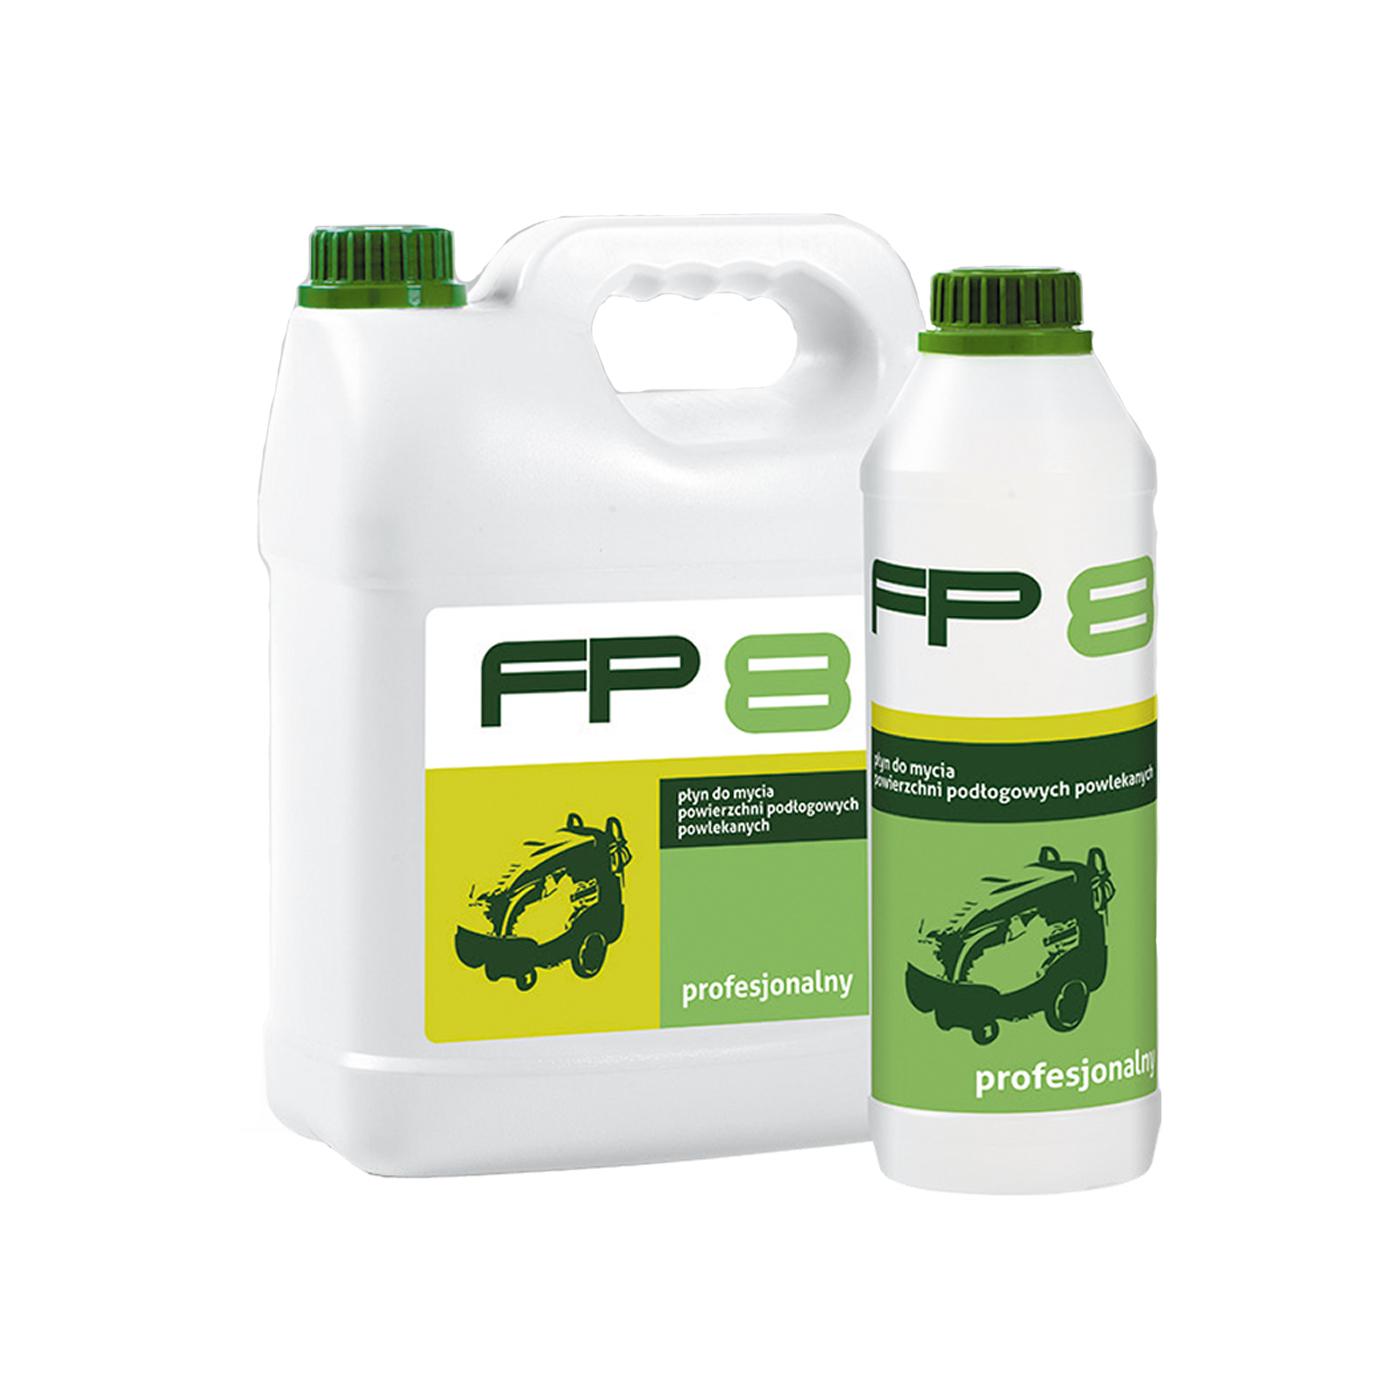 Płyn do mycia podłóg maszynowo i ręcznie FP-8 MPS